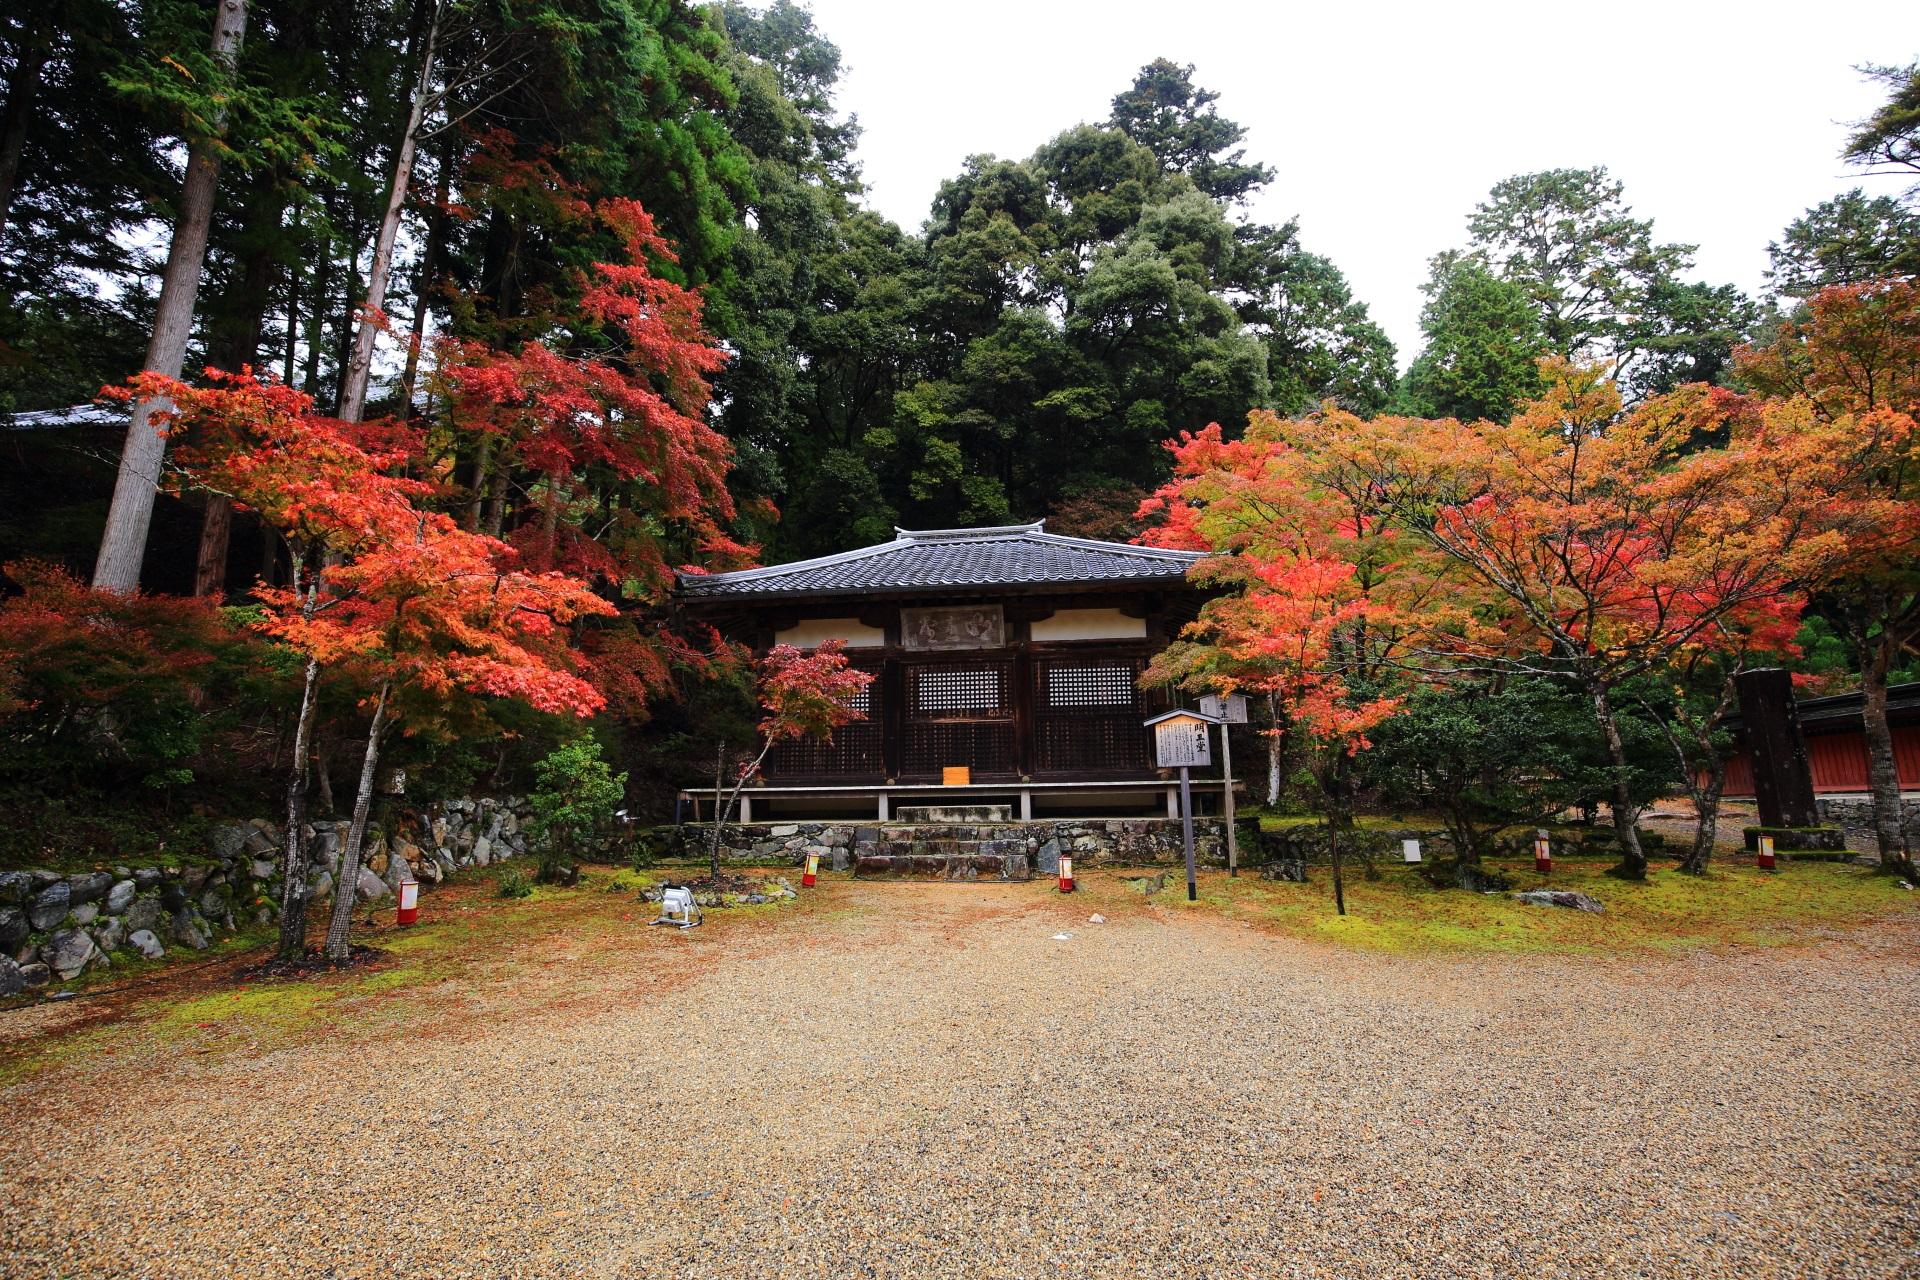 神護寺の明王堂と色とりどりの紅葉